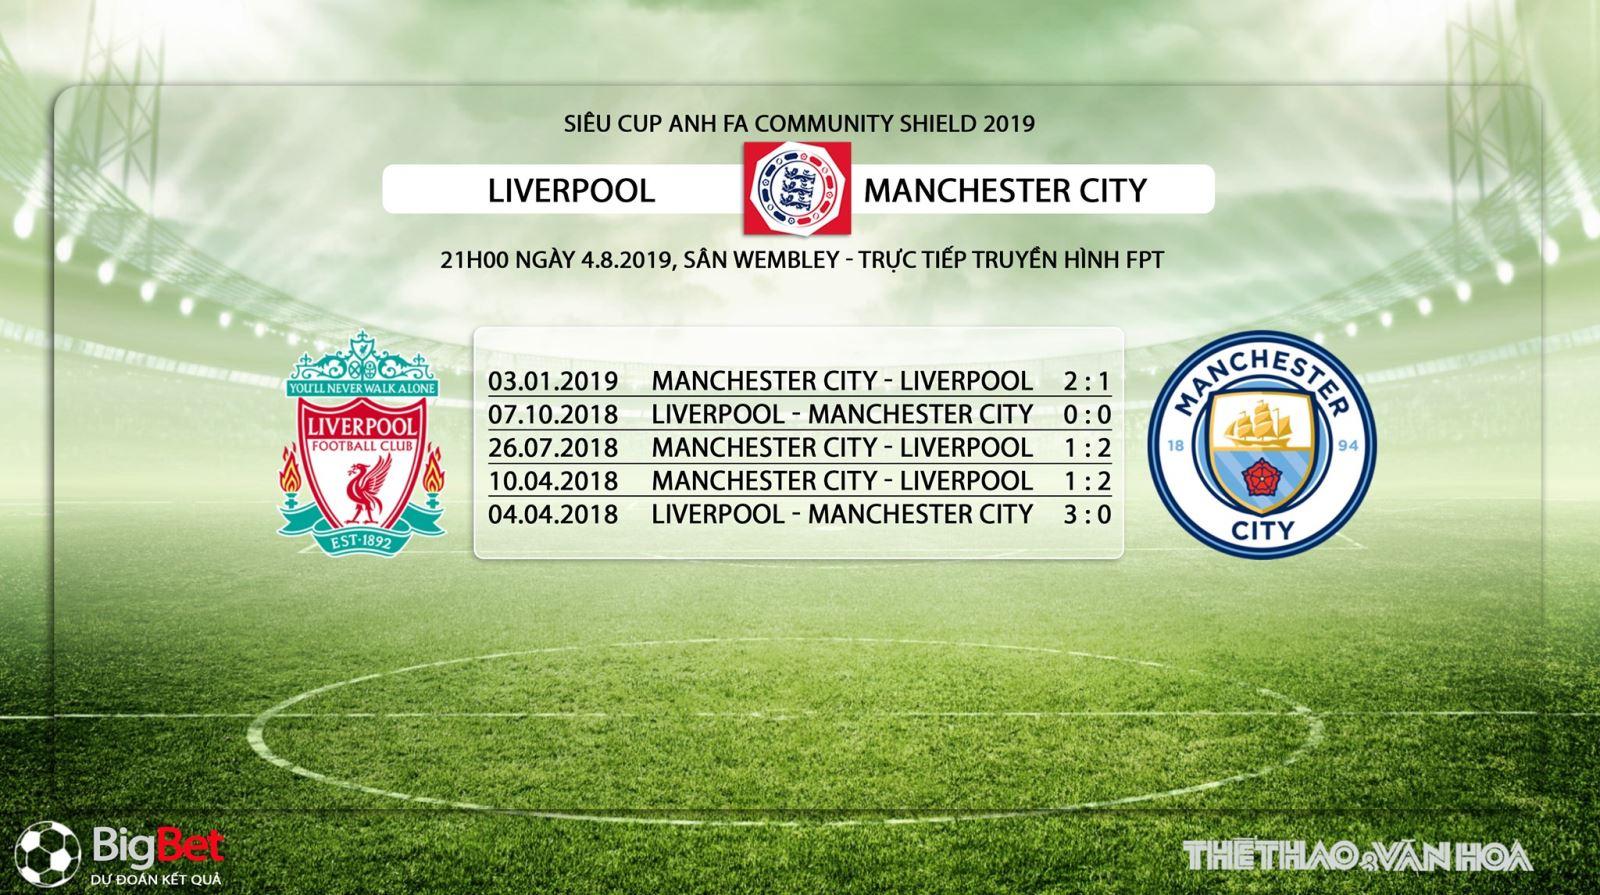 trực tiếp bóng đá, FPT Play,  Liverpool vs Man City, soi kèo bóng đá,  Liverpool đấu với Man City, truc tiep bong da hôm nay, xem bóng đá trực tuyến, Siêu Cúp Anh